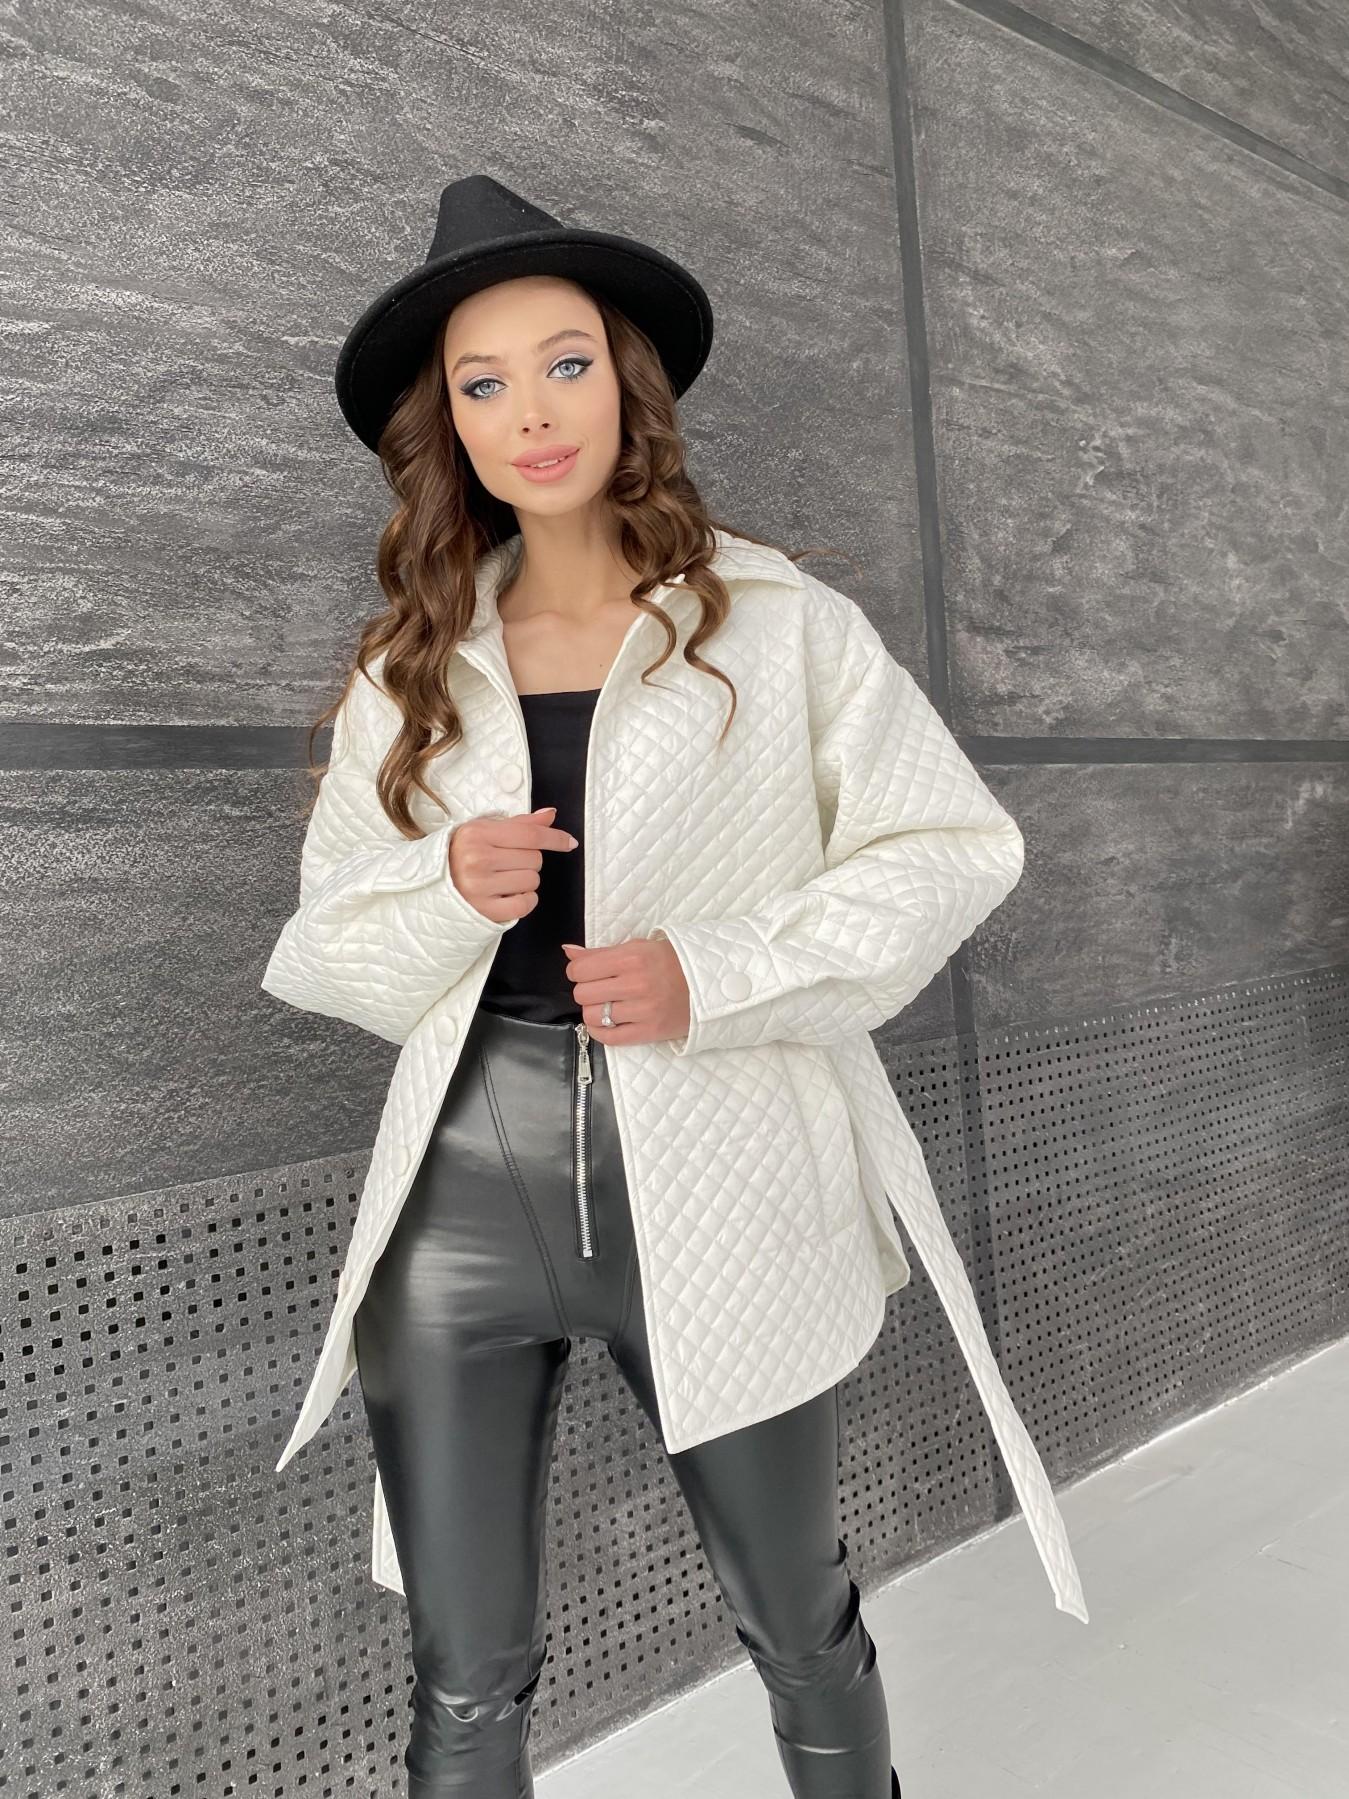 Моно куртка стеганая из  плащевой ткани 11045 АРТ. 47530 Цвет: Молоко - фото 3, интернет магазин tm-modus.ru